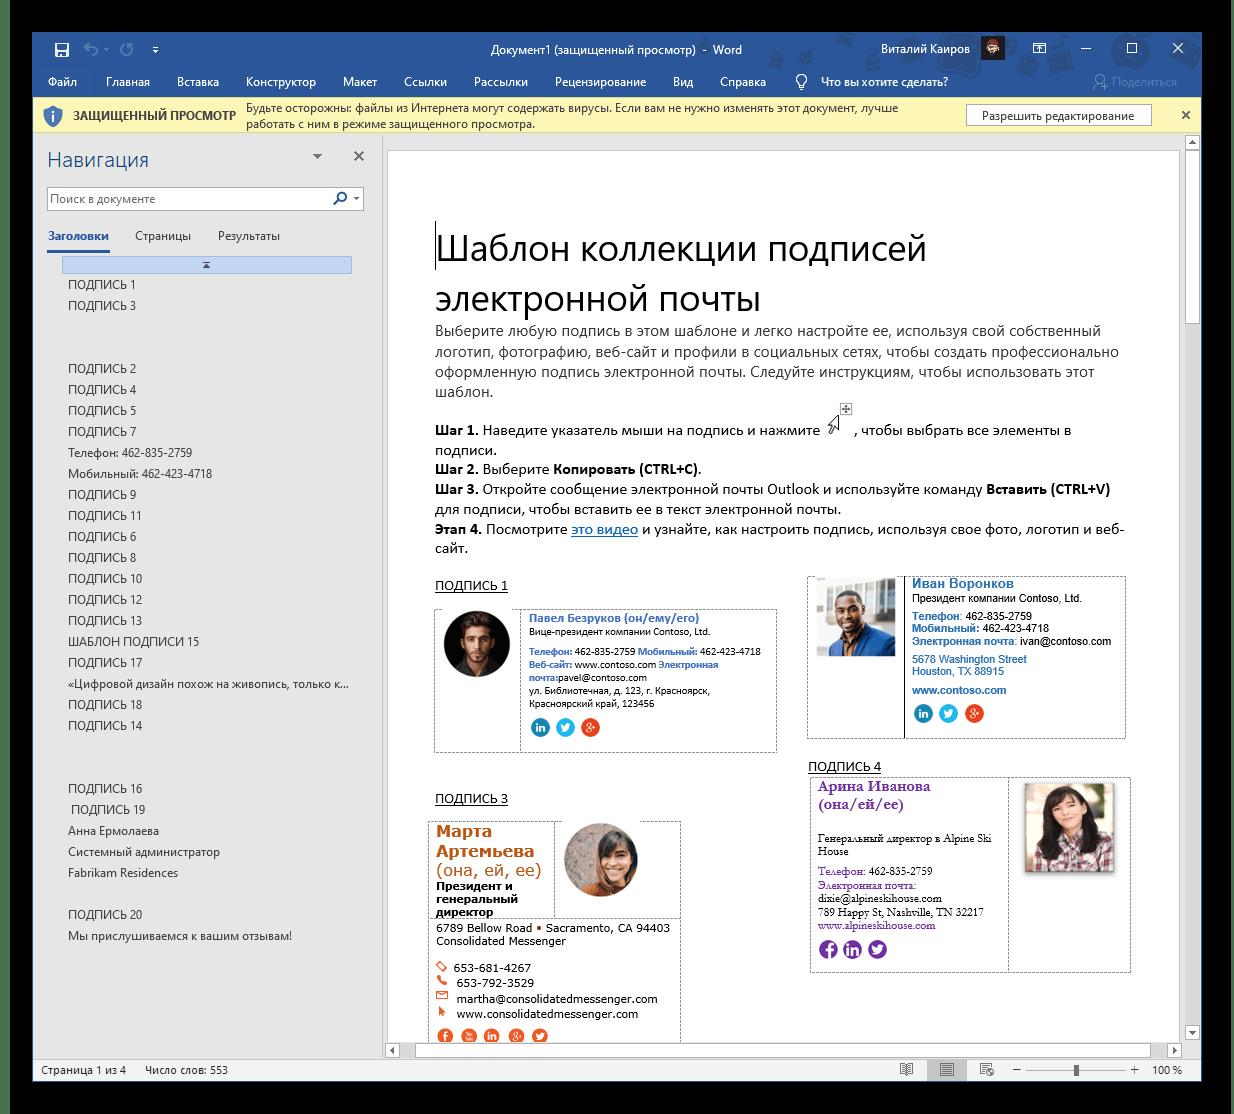 Файл с коллекцией подписей электронной почты для Microsoft Outlook открыт в программе Word